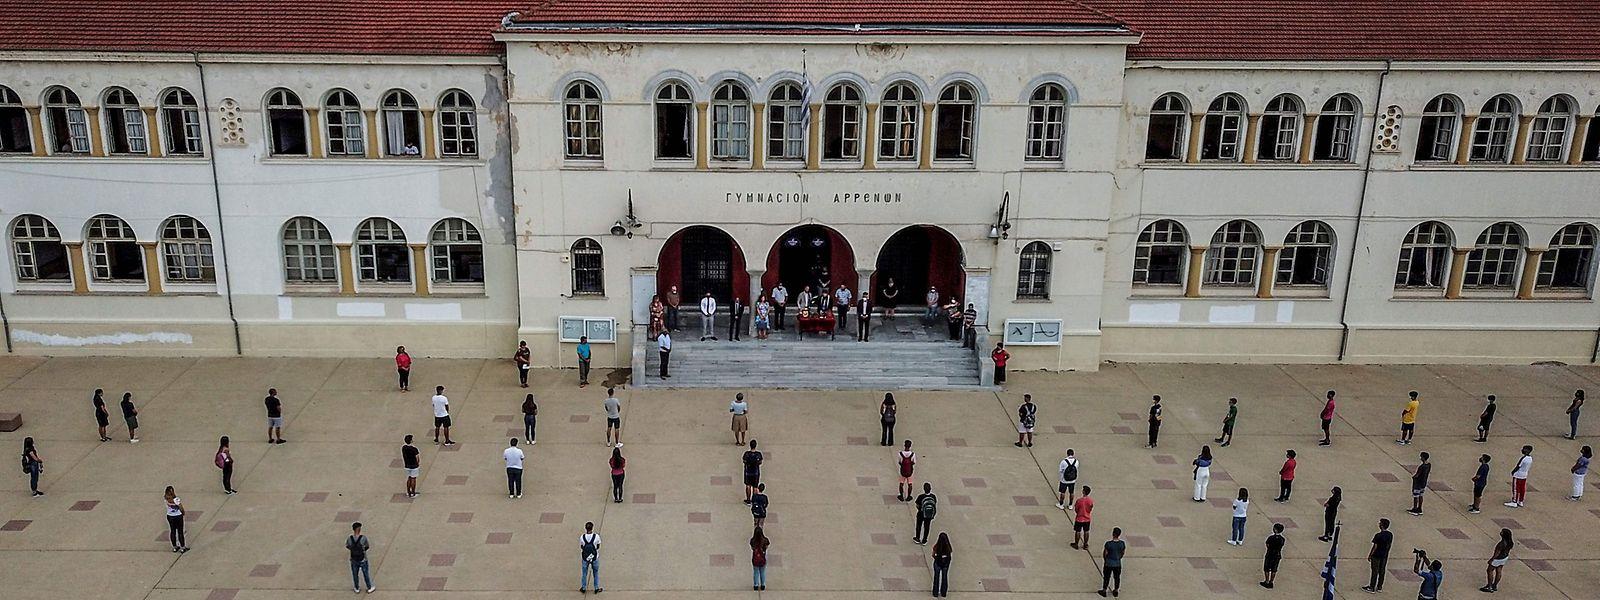 Estudantes do ensino secundário a respeitar o distanciamento físico durante a cerimónia de arranque do novo ano letivo numa escola em Drama, na Grécia.